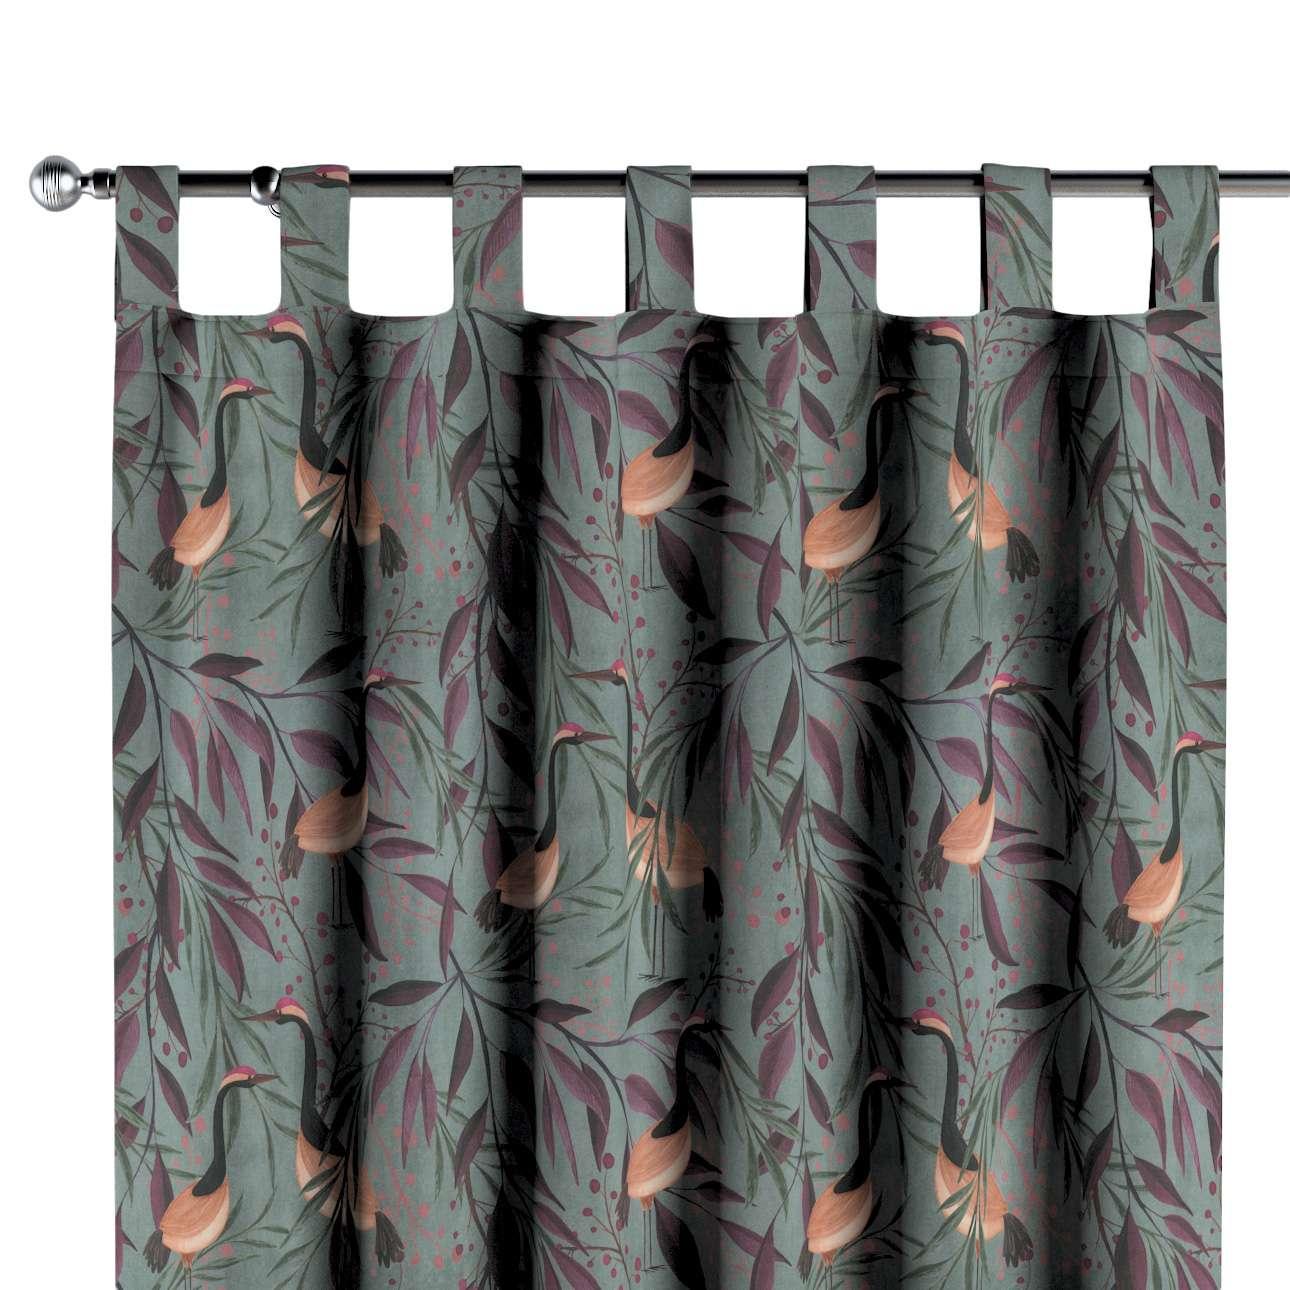 Zasłona na szelkach 1 szt. w kolekcji Abigail, tkanina: 143-11